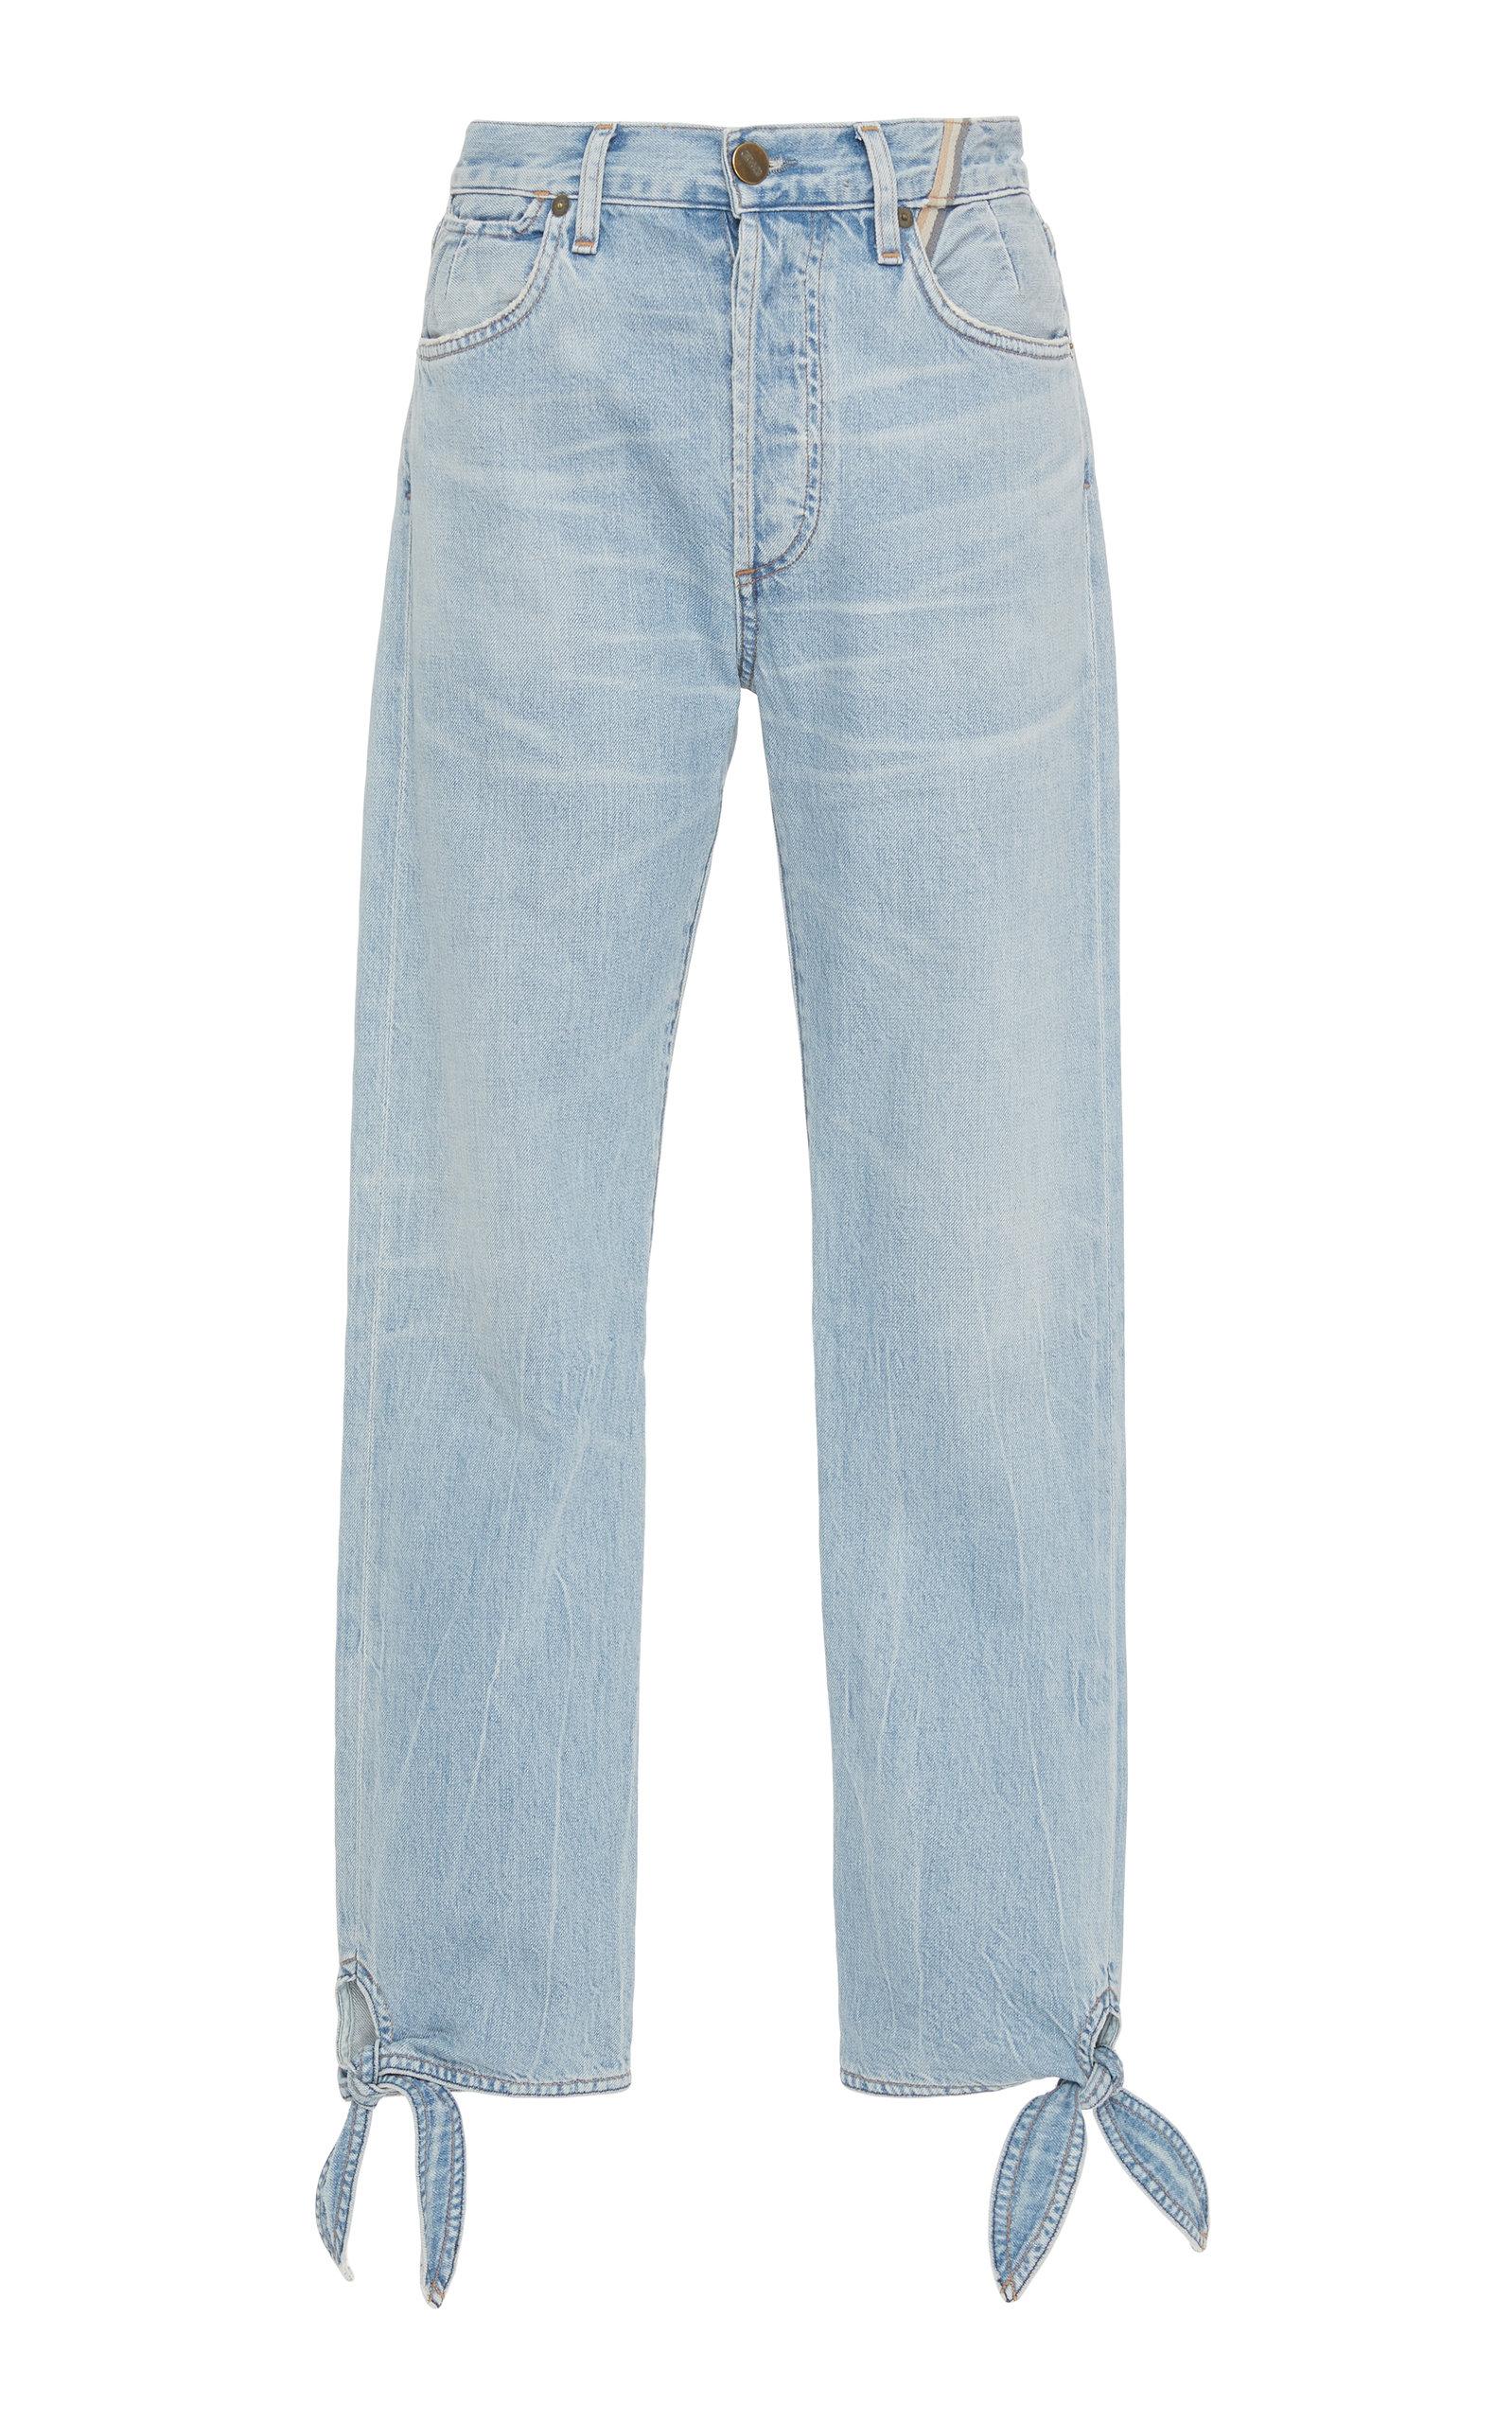 JEAN ATELIER Hunter Ankle Tie Cropped Jeans Denim in Light Wash